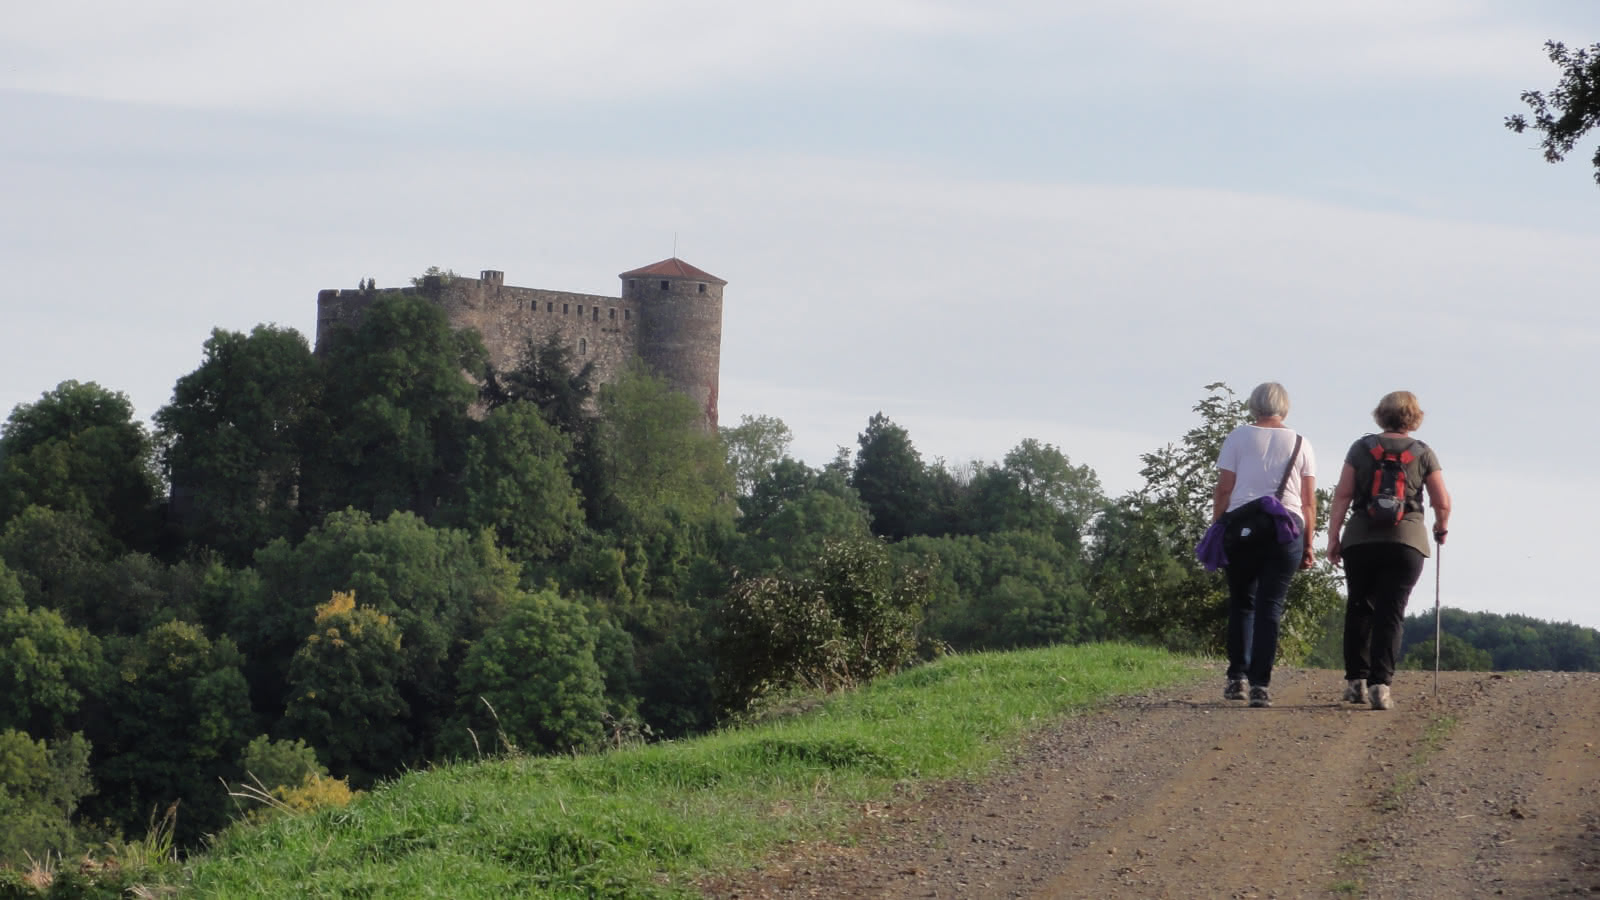 © Promenade du jeudi : Villages et buttes volcaniques des côteaux du Val d'Allier